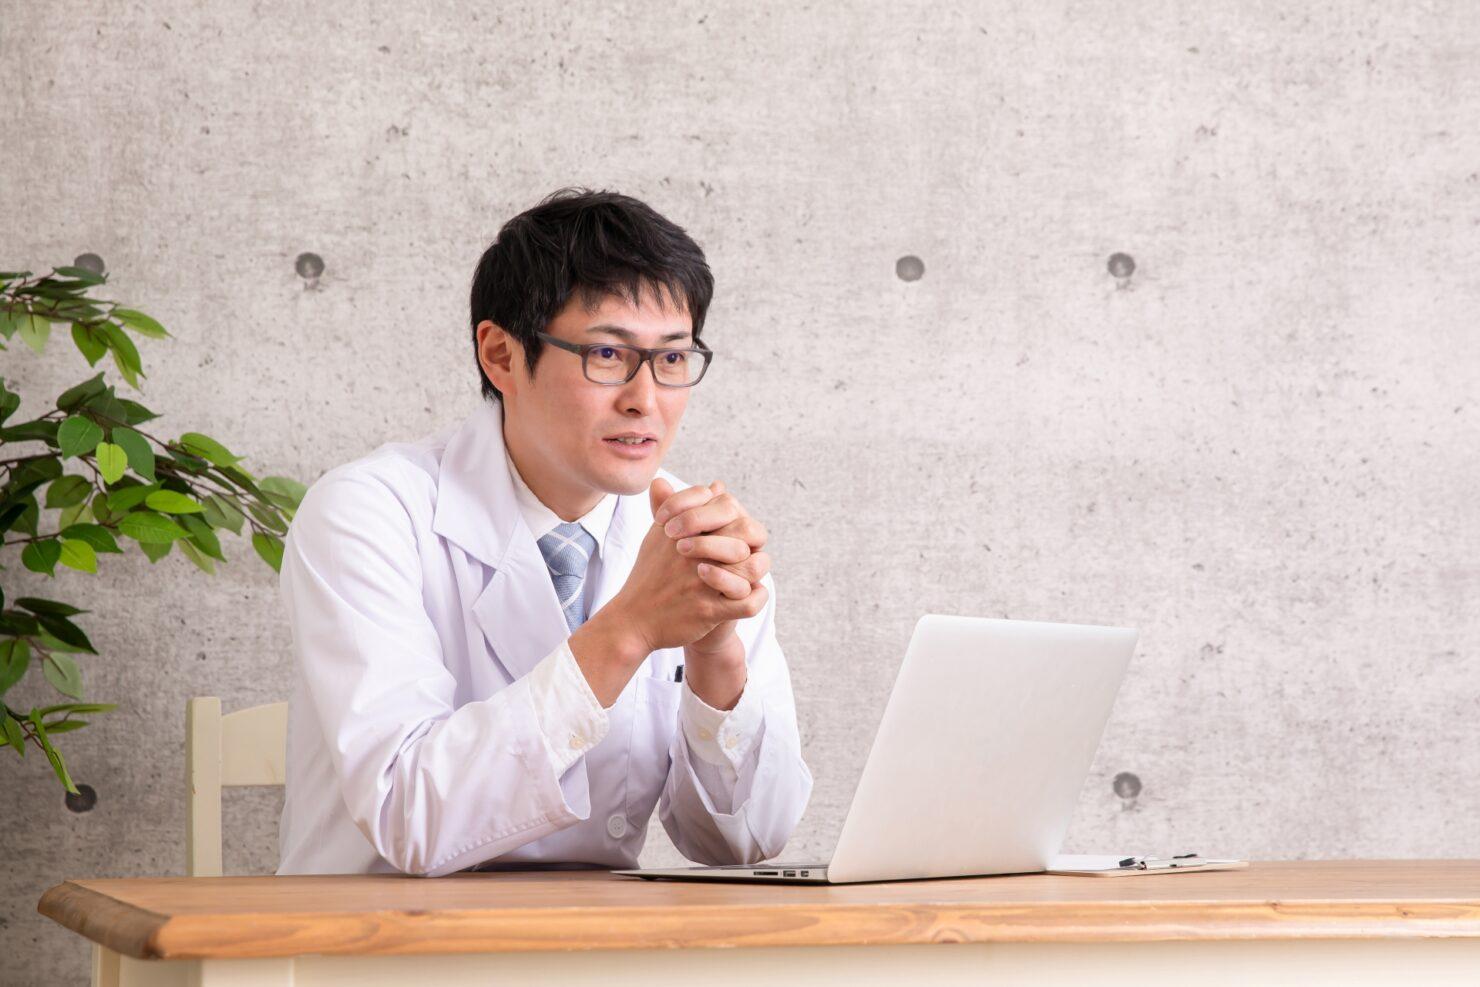 オンラインで健康相談ができるサービス&アプリ